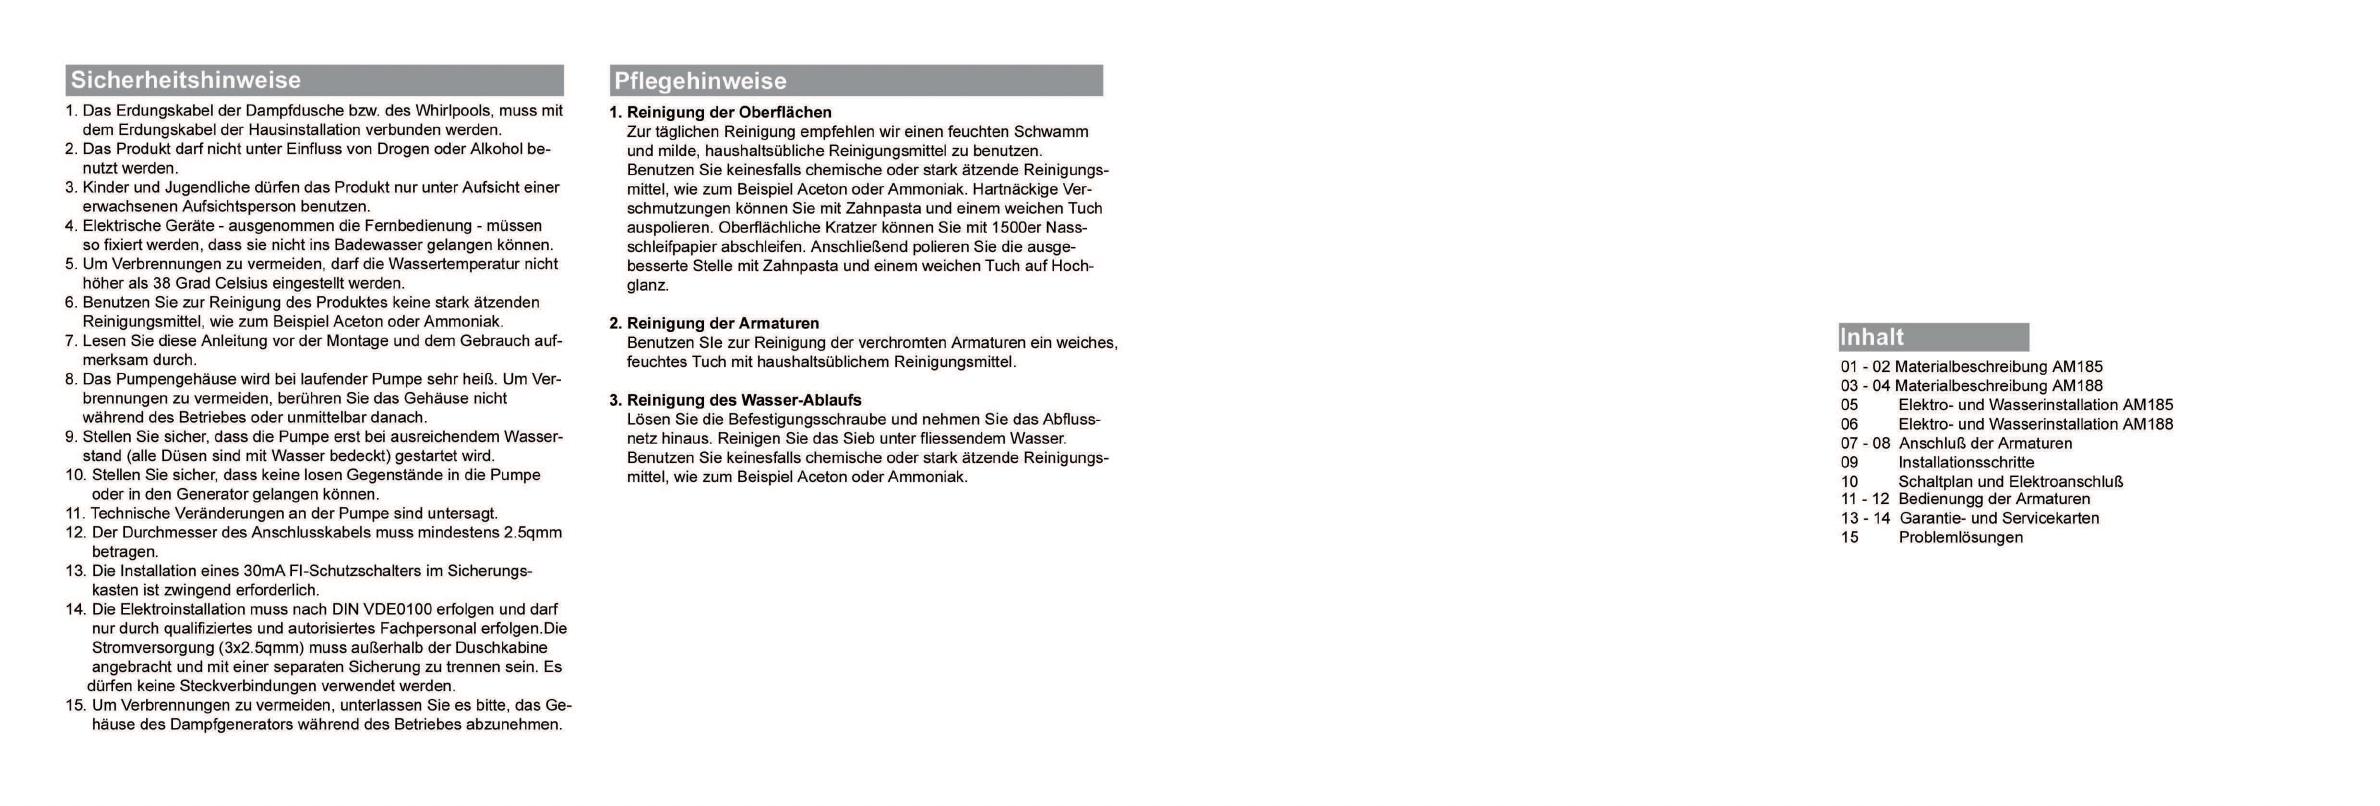 Bedienungsanleitung Eago AM185 Whirlpool (Seite 1 von 10) (Deutsch)